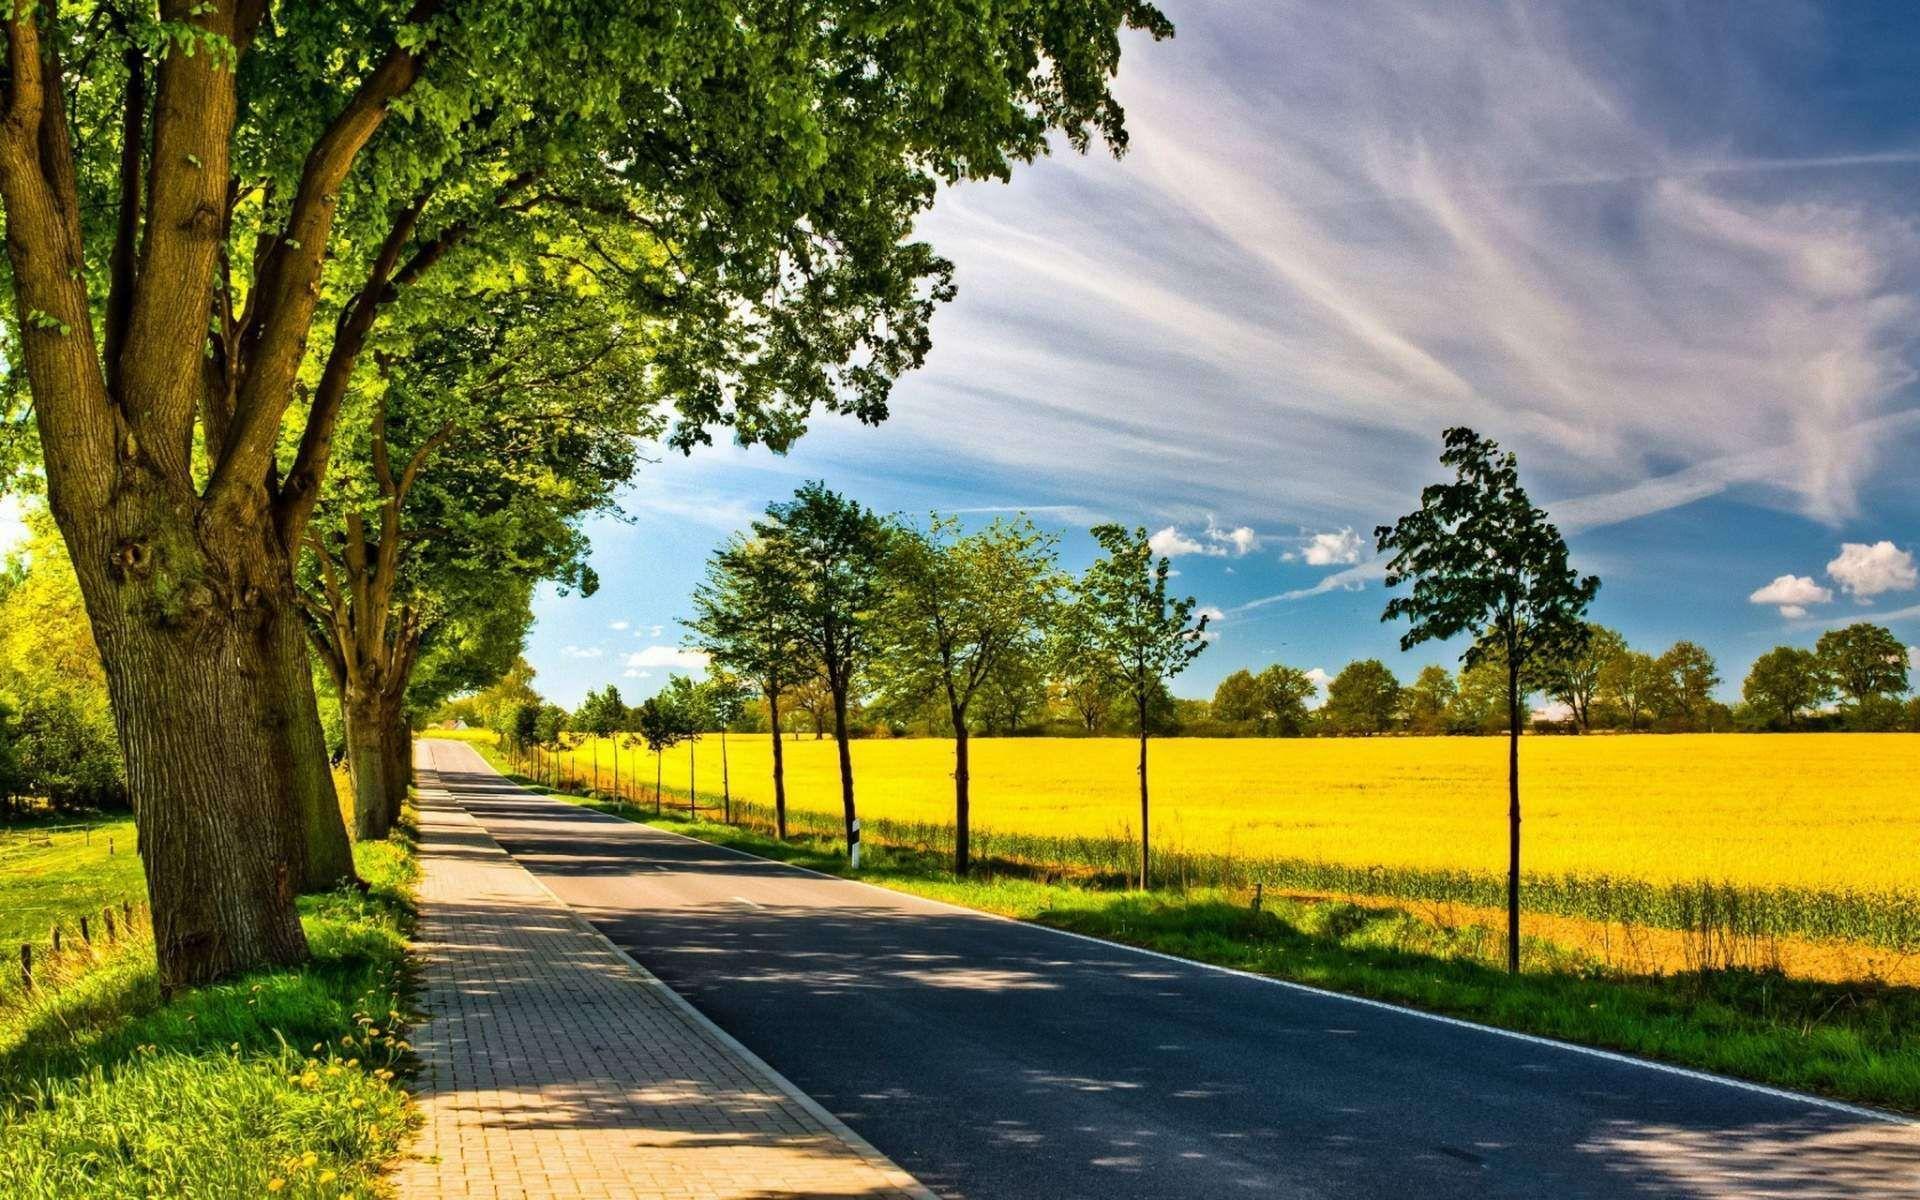 Natural landscape HD Images